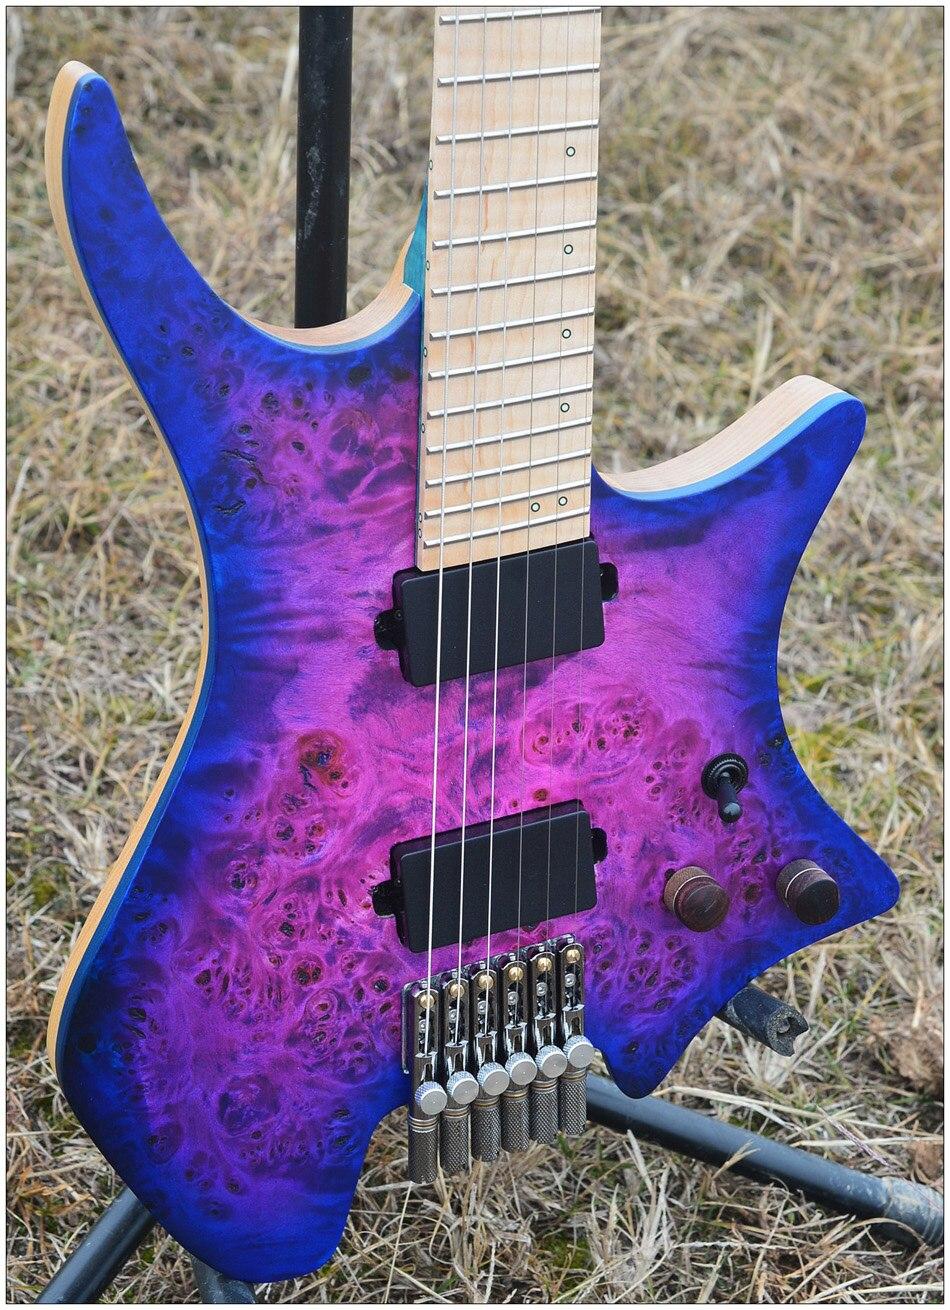 2018 Nouveau NK Sans Tête guitare Attisé Frettes guitare Bleu/Violet Couleur Des Yeux Peuplier top Flame maple Neck Eelectric Guitare livraison gratuite